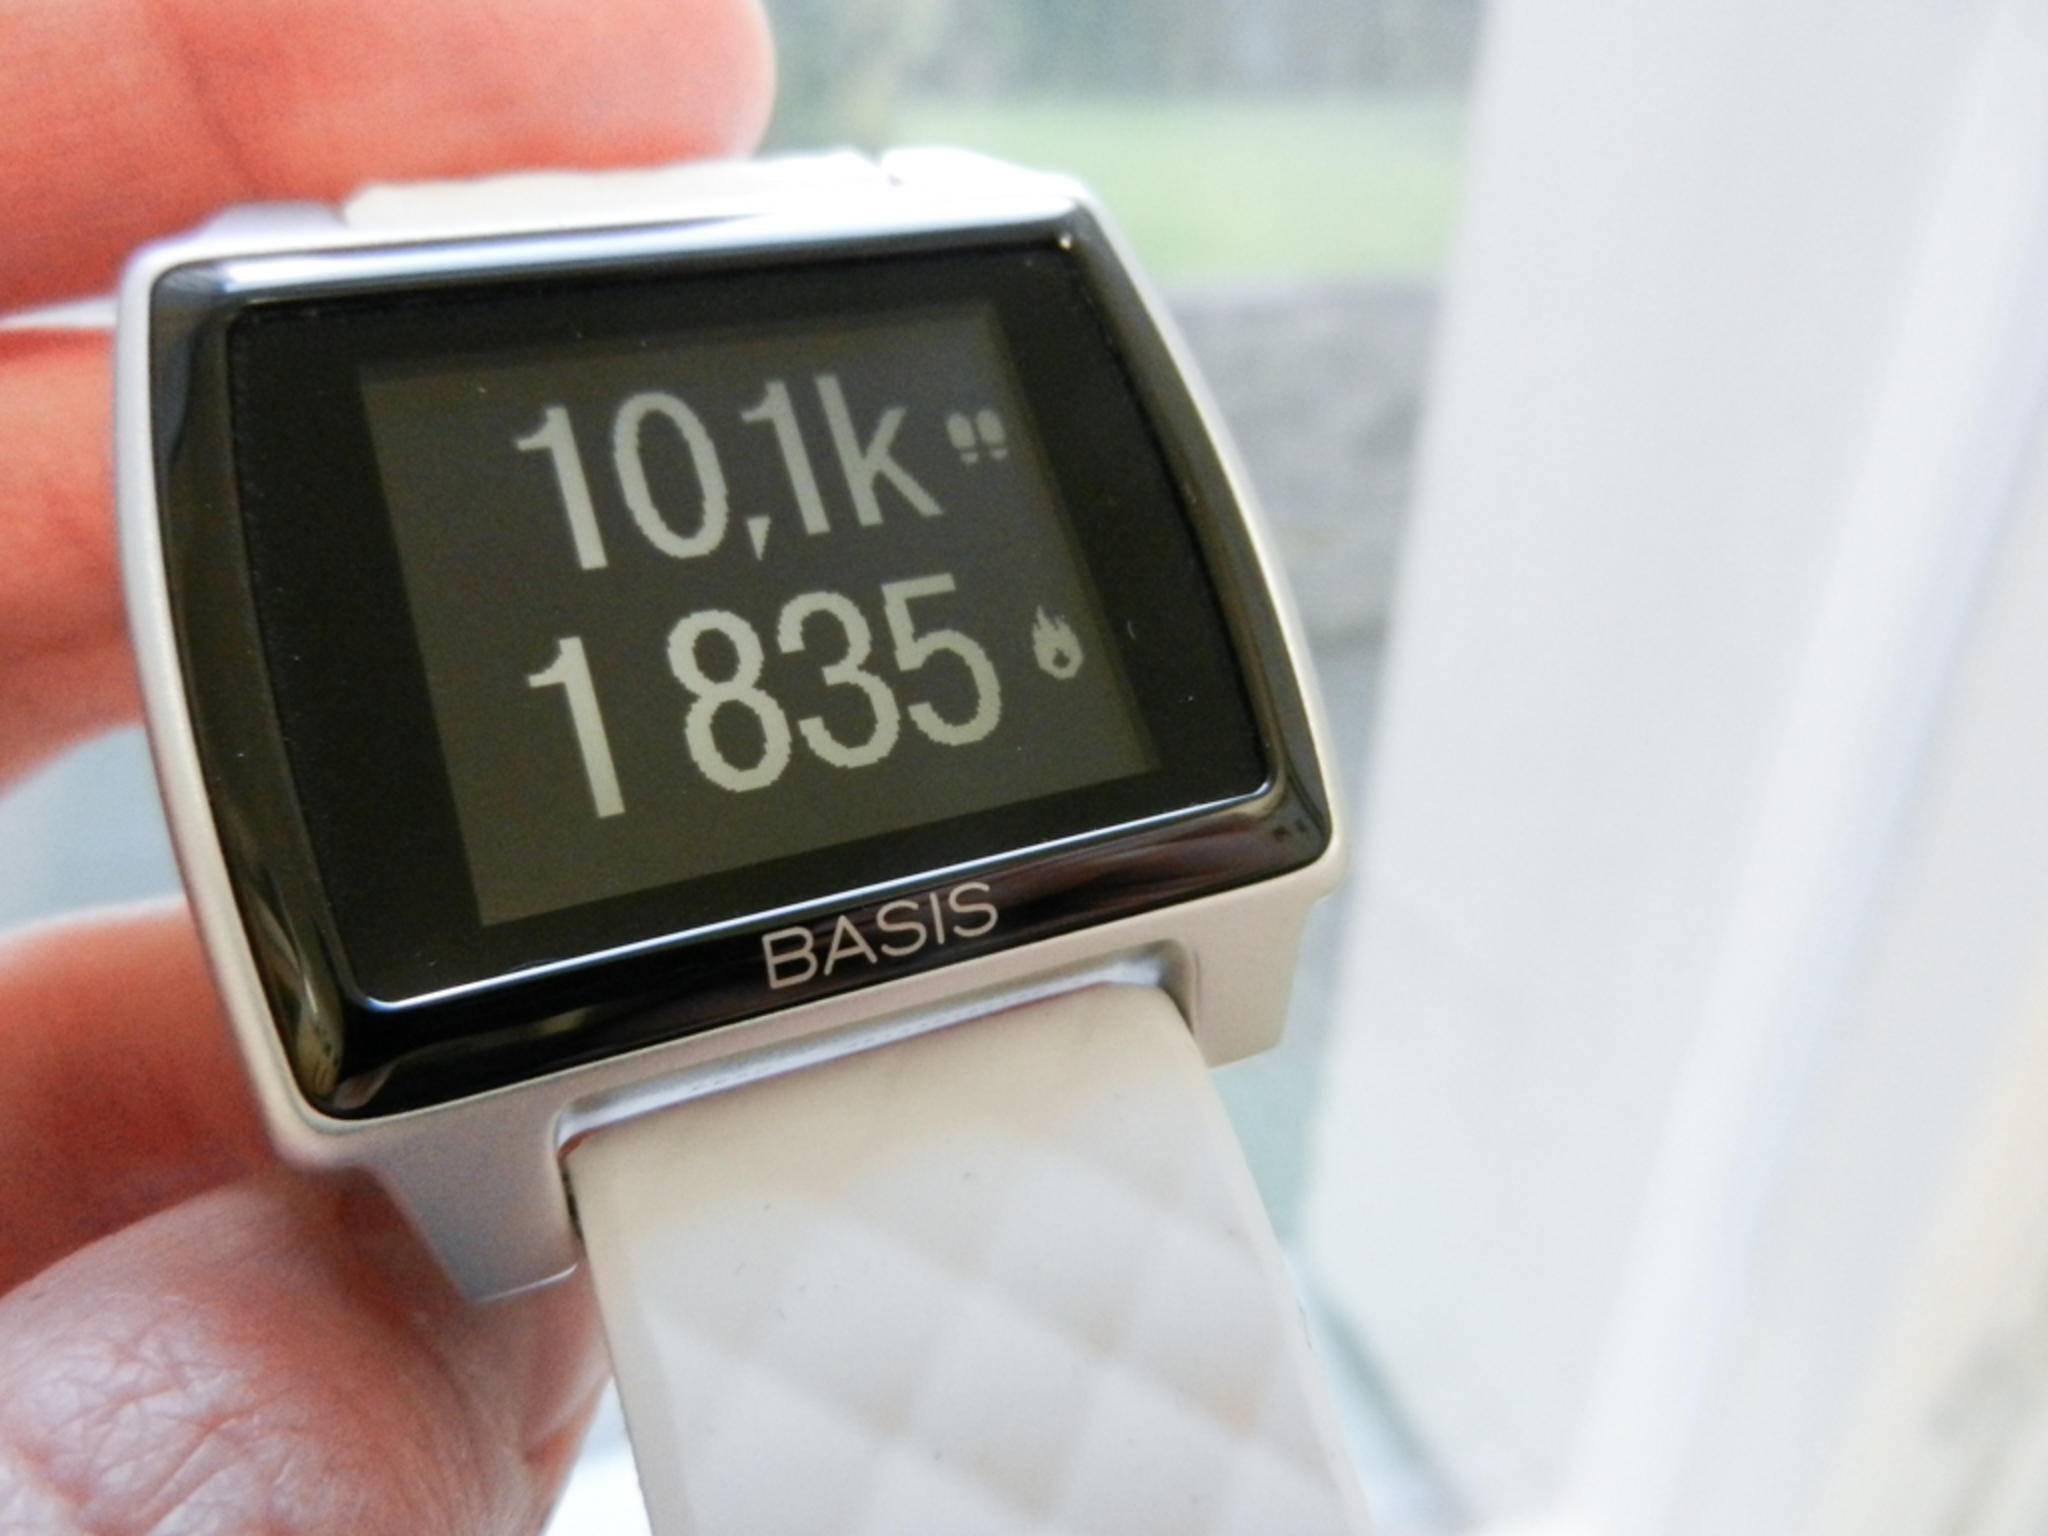 Am Ende des Tags standen sogar mehr als 10.000 Schritte auf der Uhr.